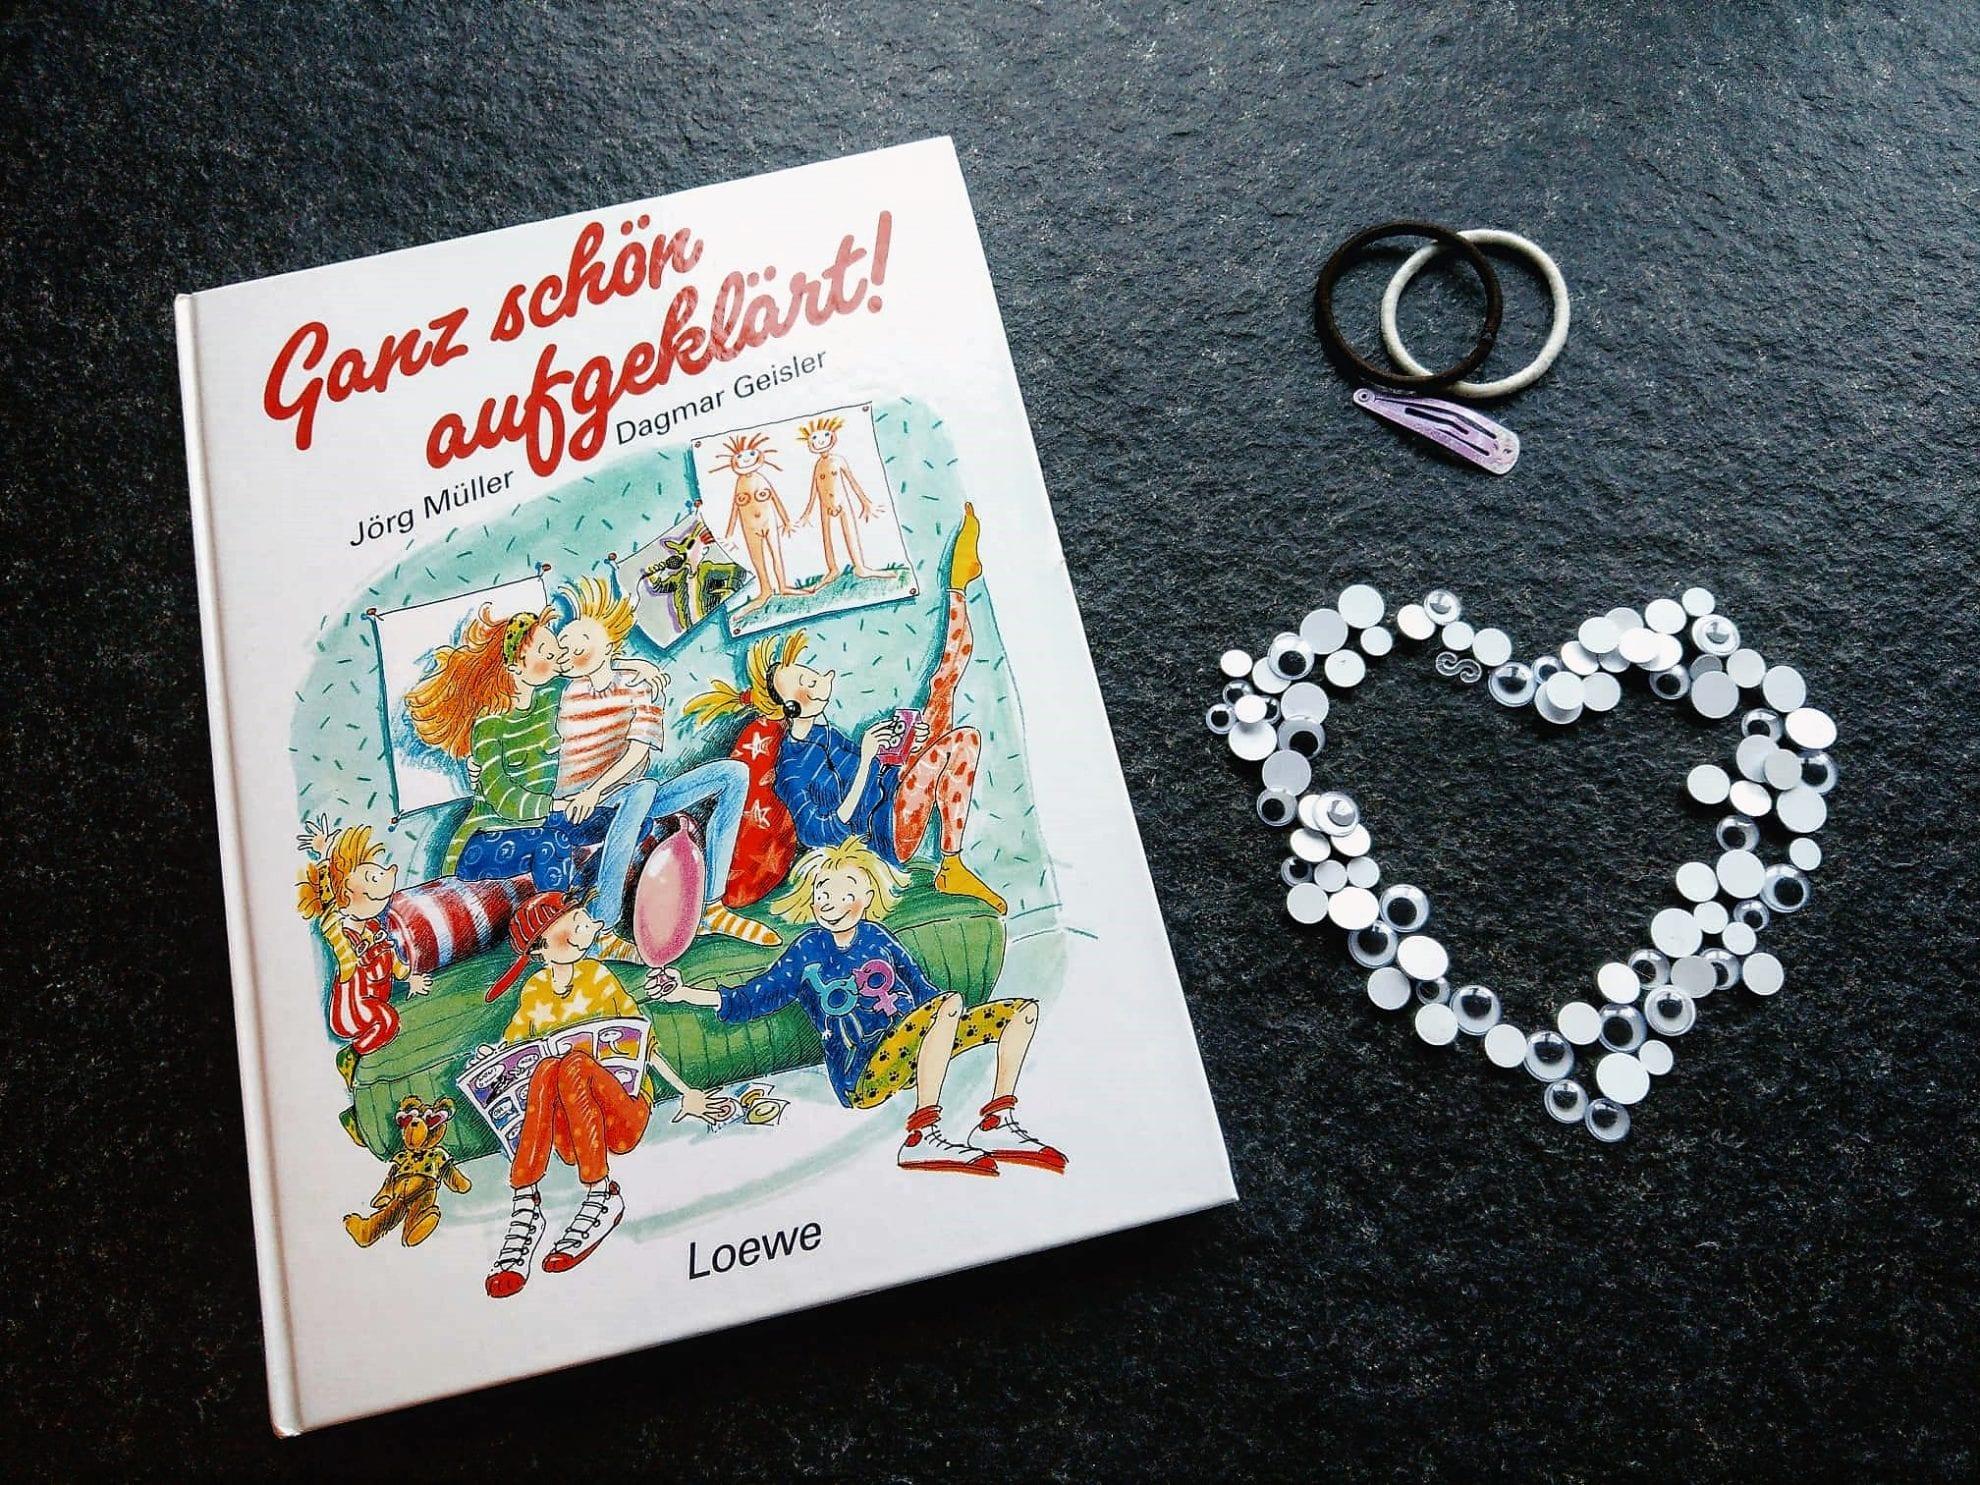 Ganz schön aufgeklärt aus dem Loewe Verlag erklärt Kindern ab 9 Jahren die Vorgänge in ihrem Körper und führt gefühlvoll durch die Zeit der Veränderung durch die Pubertät.